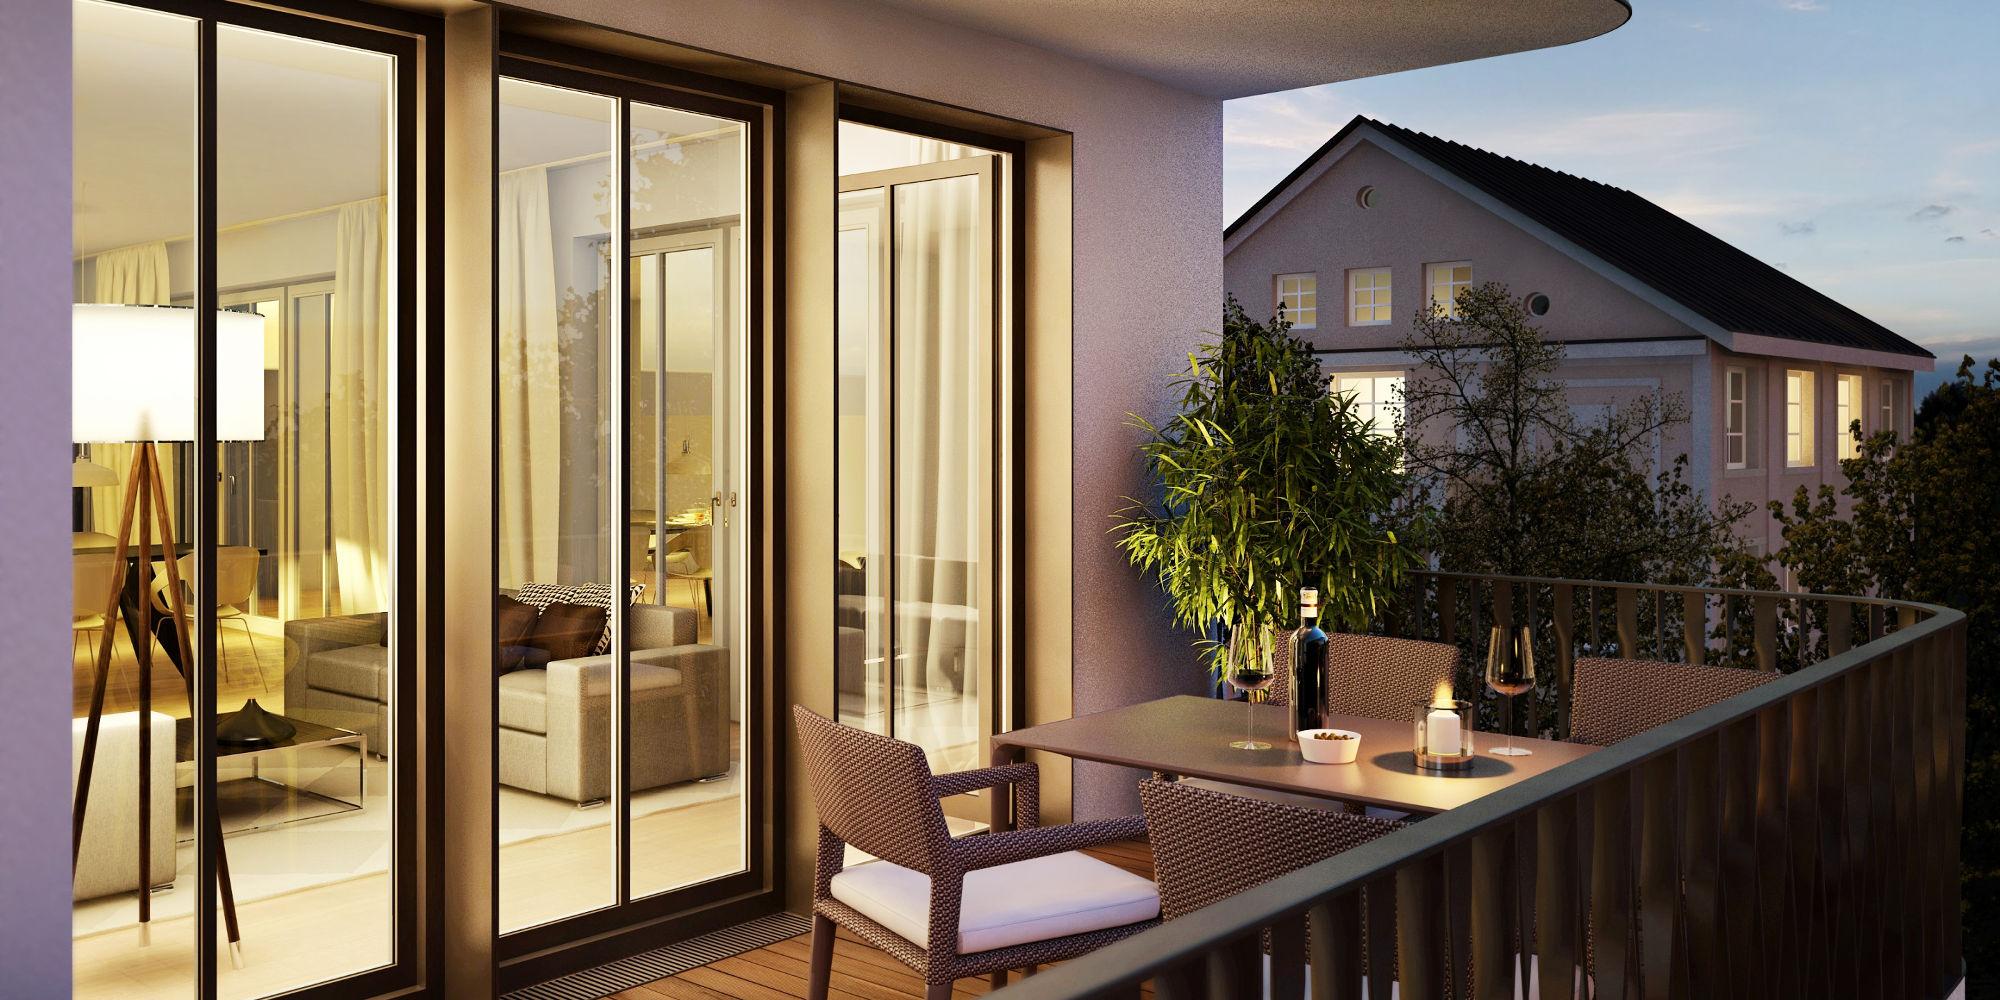 m01-balkon-2000x1000